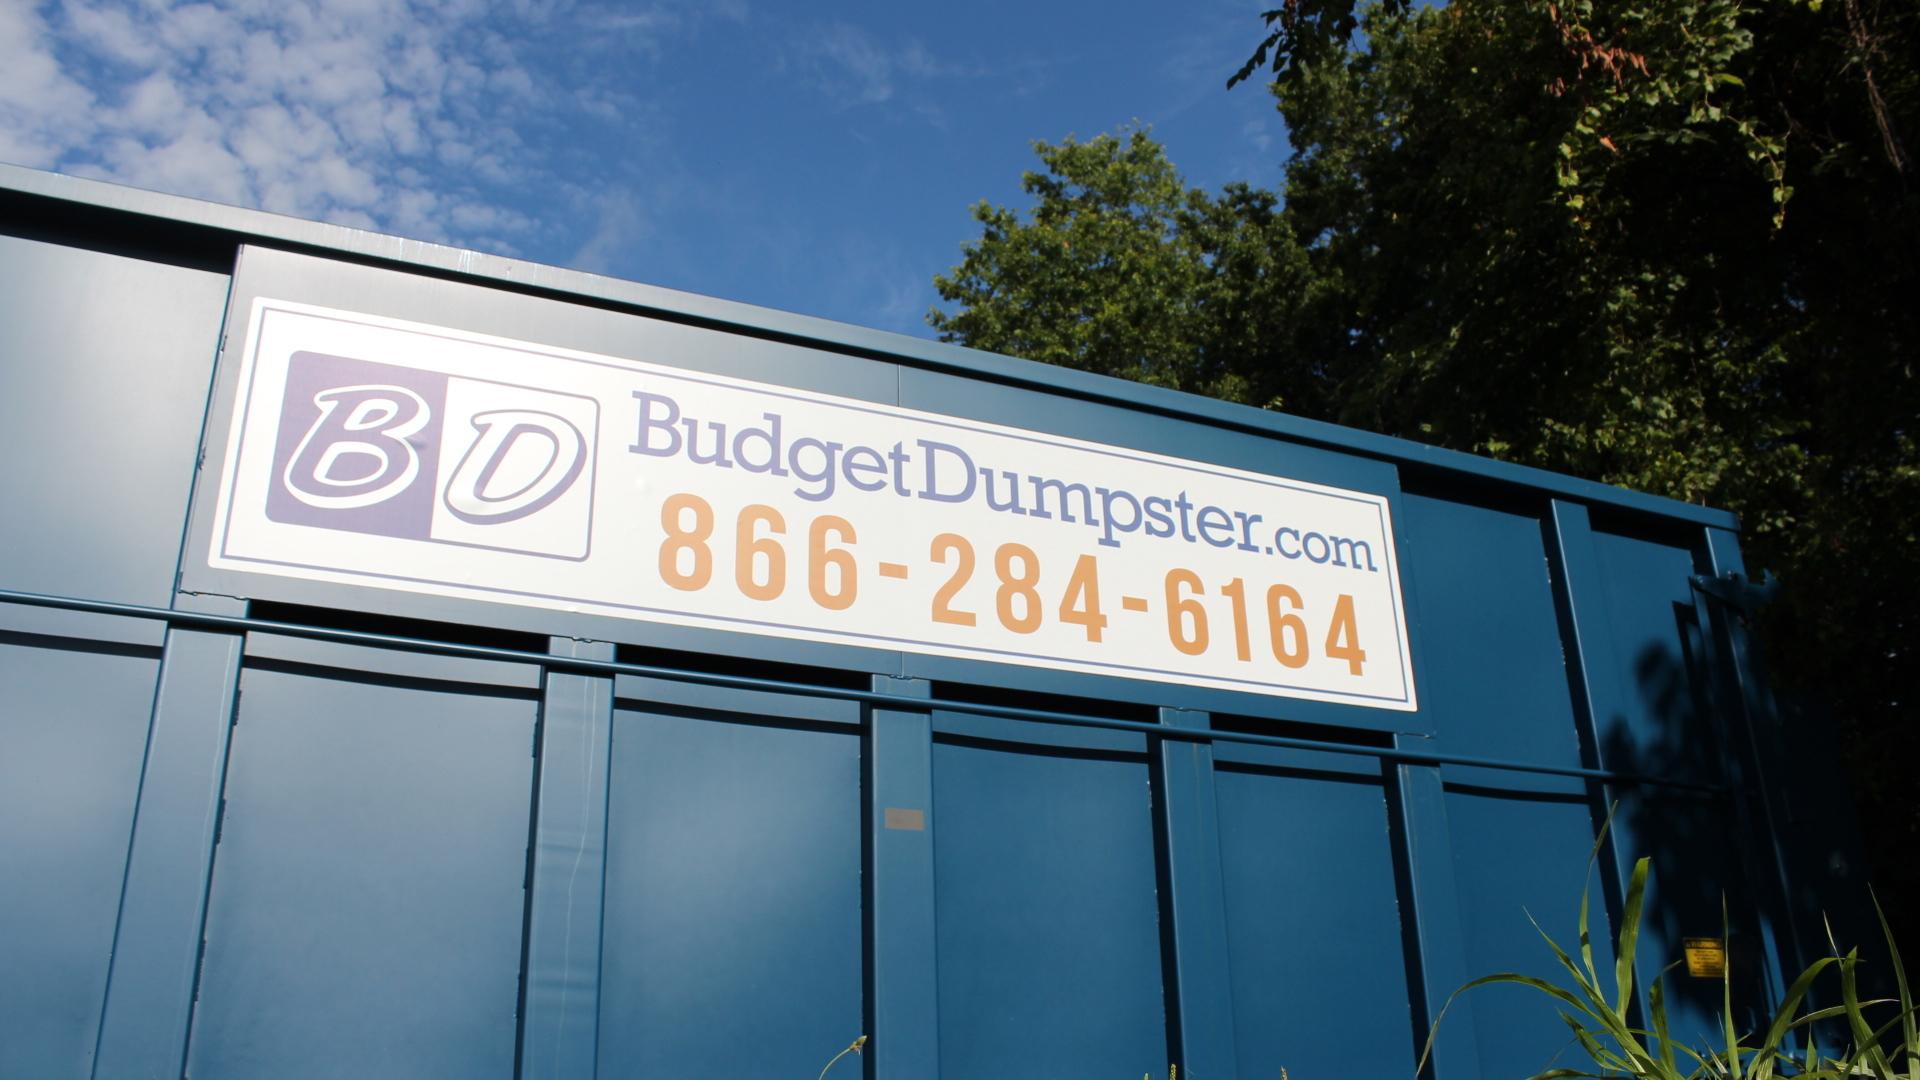 Budget Dumpster Rental image 6